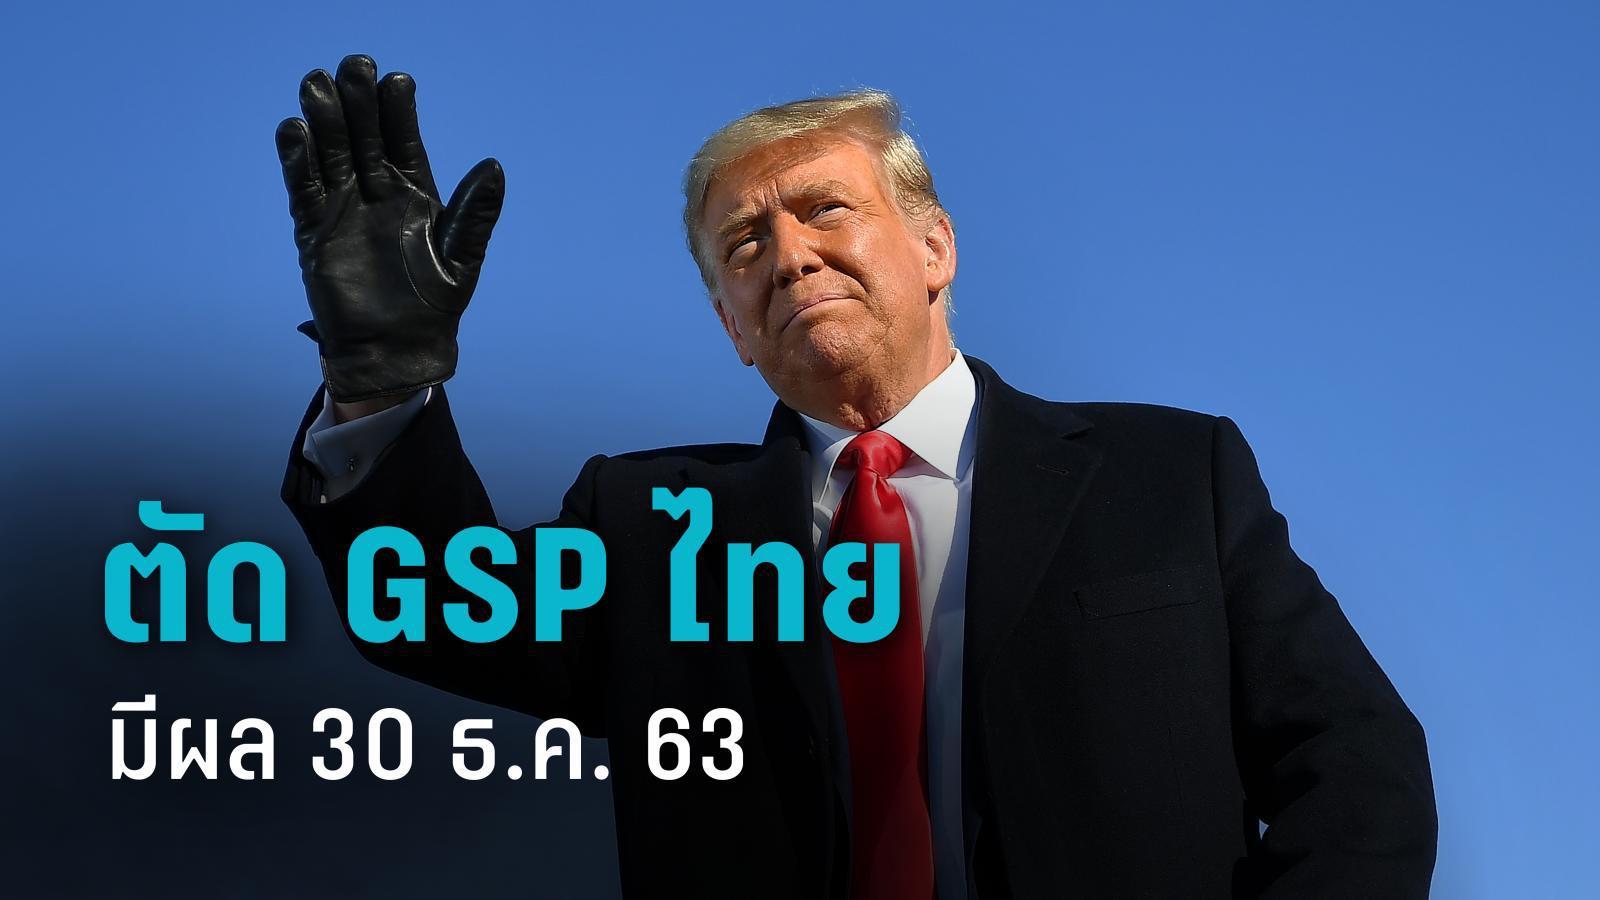 """""""ทรัมป์"""" สั่งระงับ สิทธิปลอดภาษีไทย มูลค่า 2.5 หมื่นล้านบาท"""